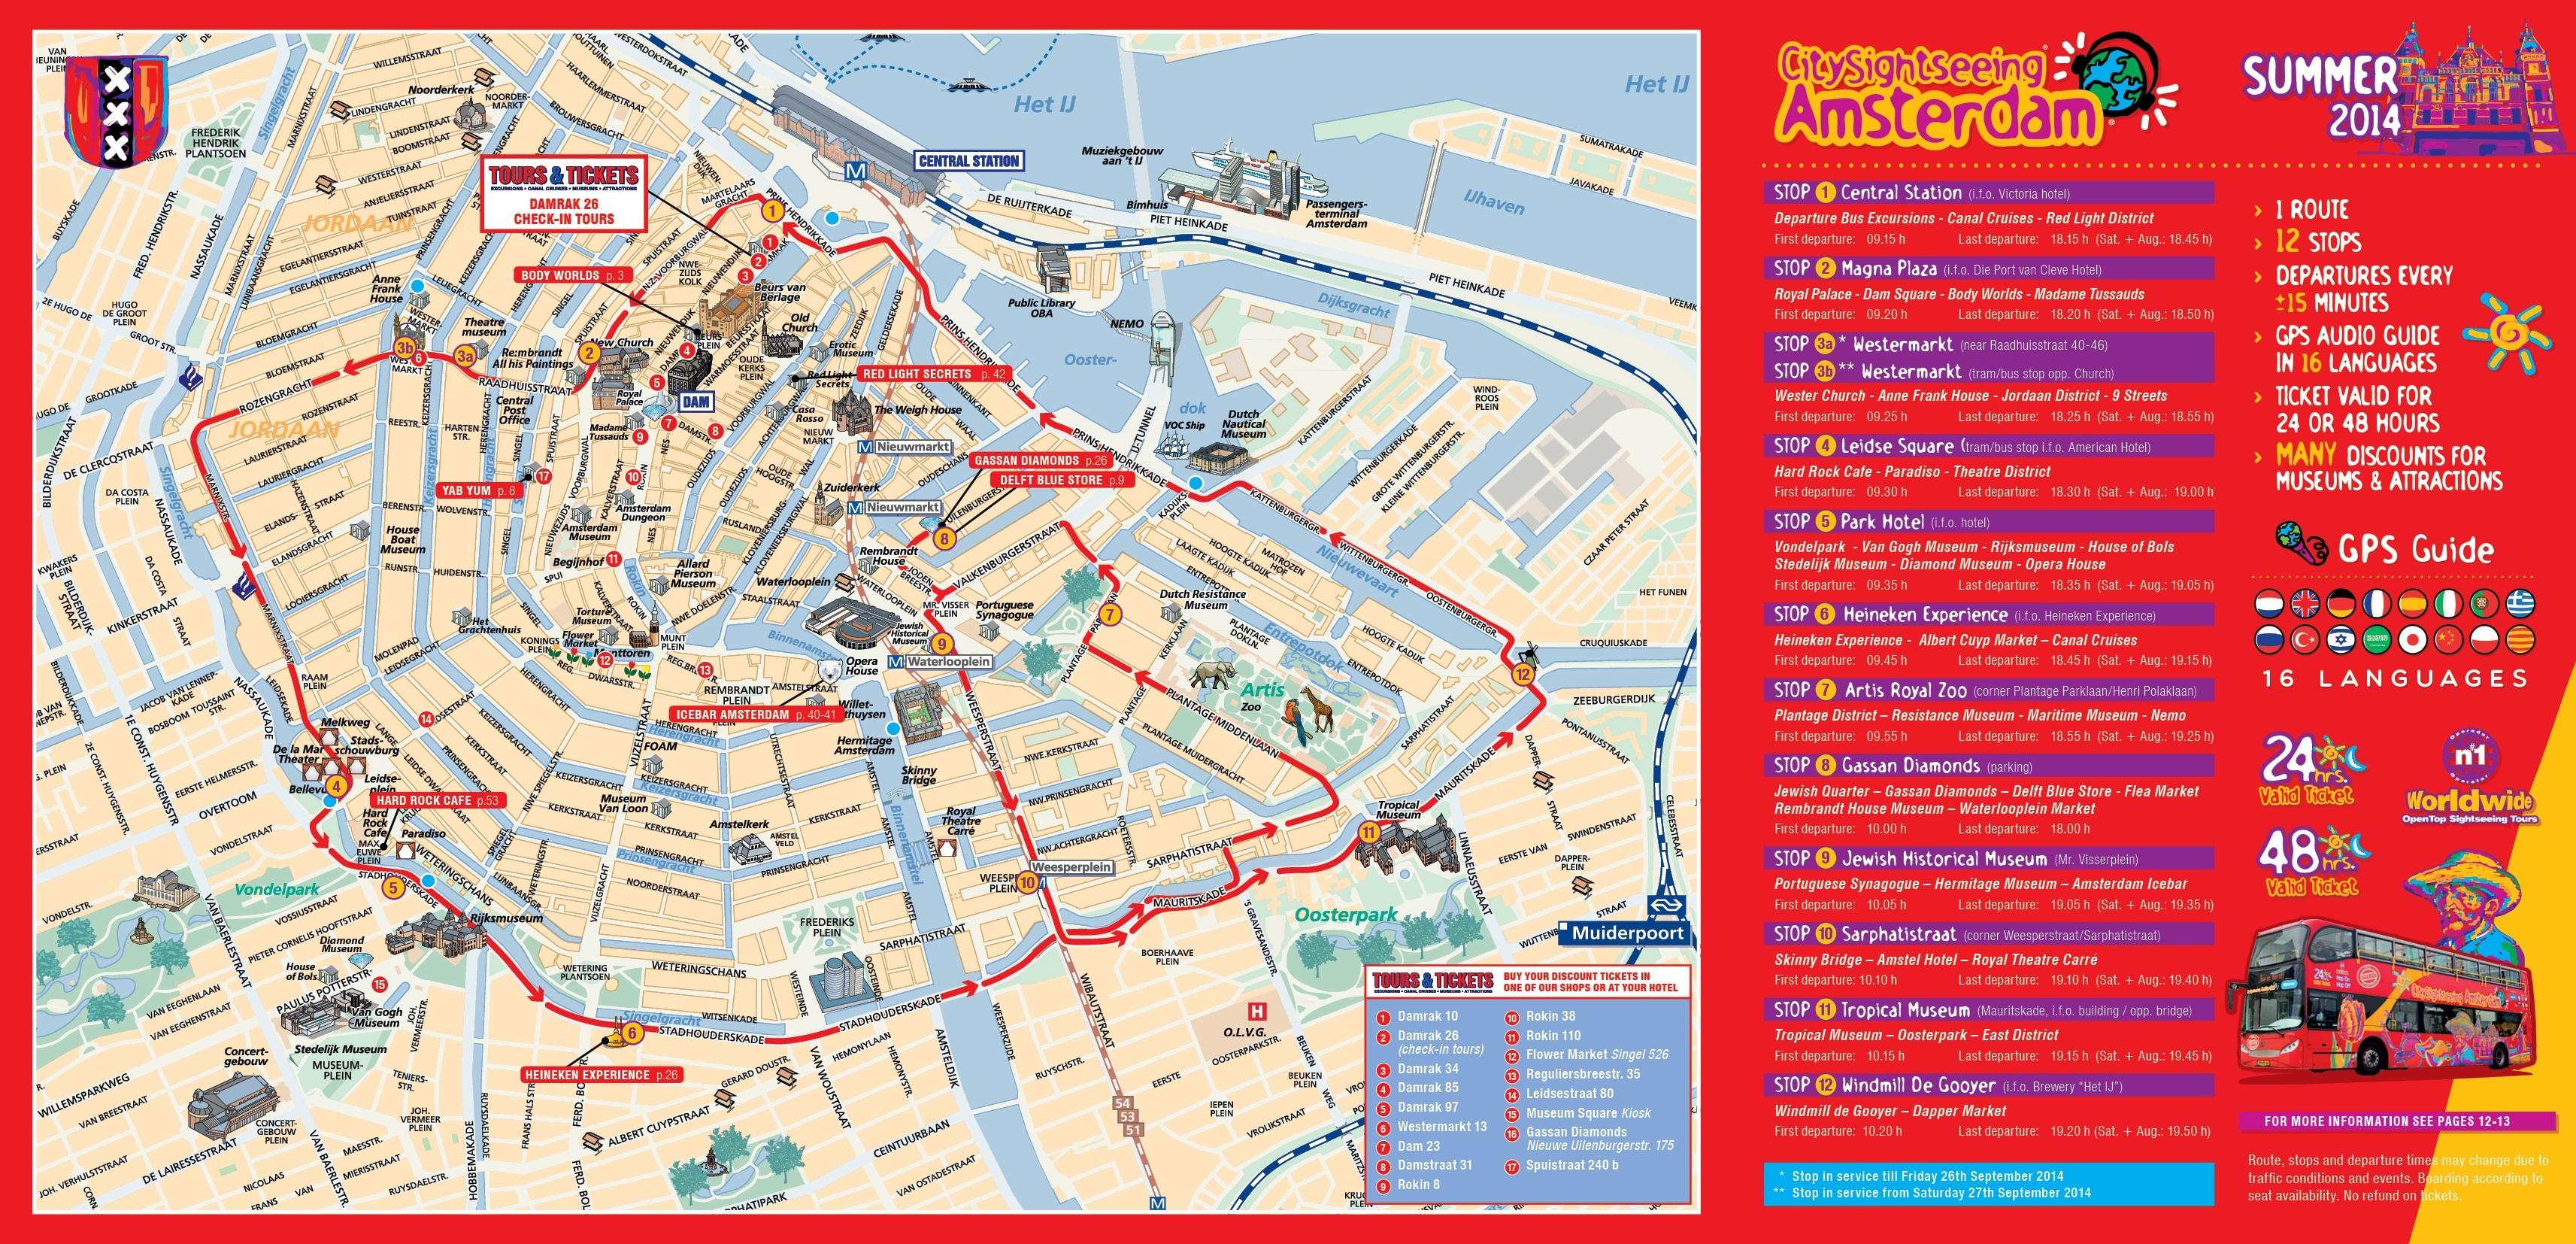 mapa turistico de amesterdao Mini guía de viaje de Ámsterdam, Holanda | Ahí viajé mapa turistico de amesterdao